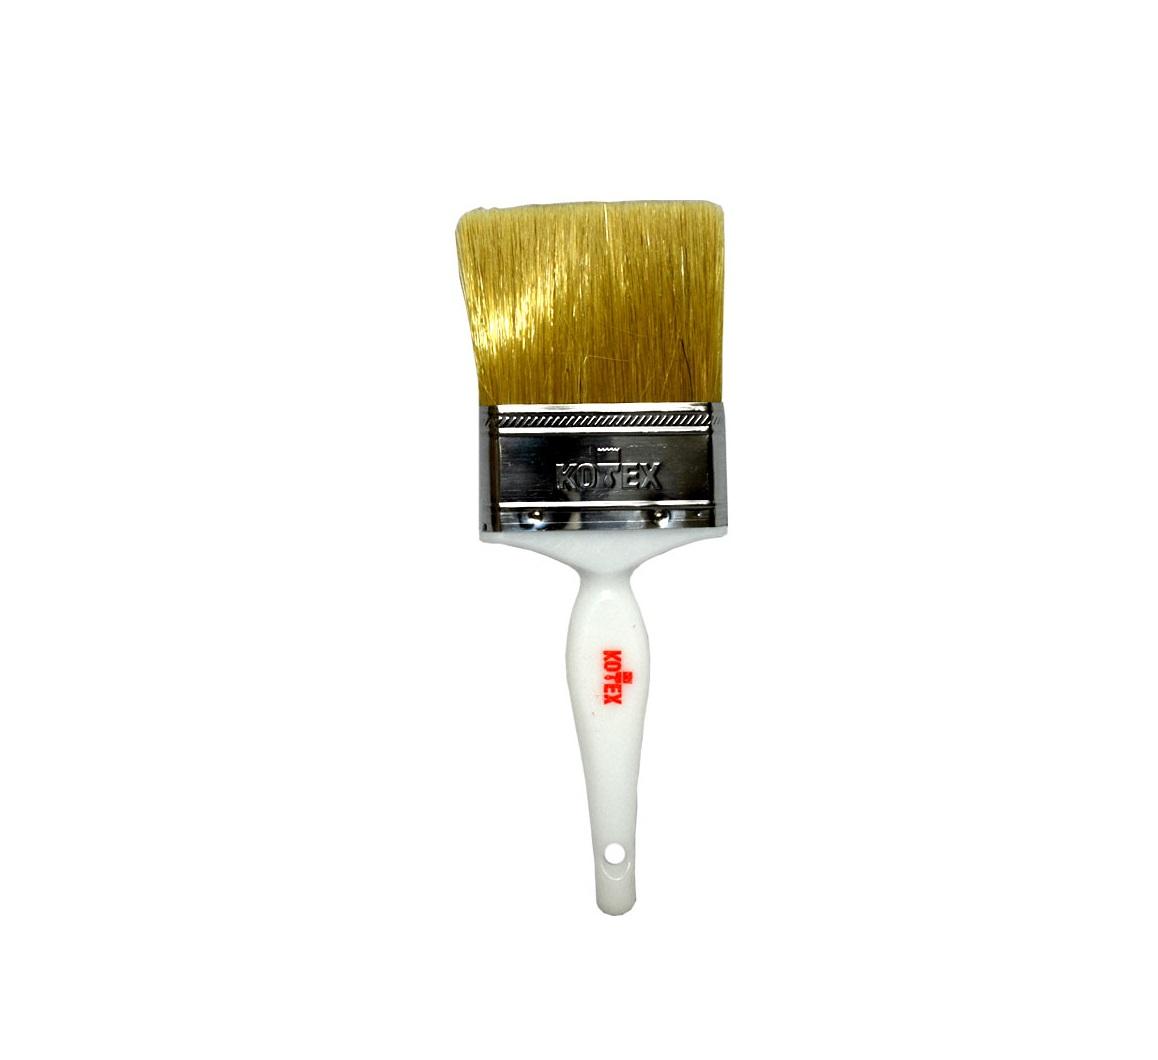 قلم مو رنگ روغنی - 3